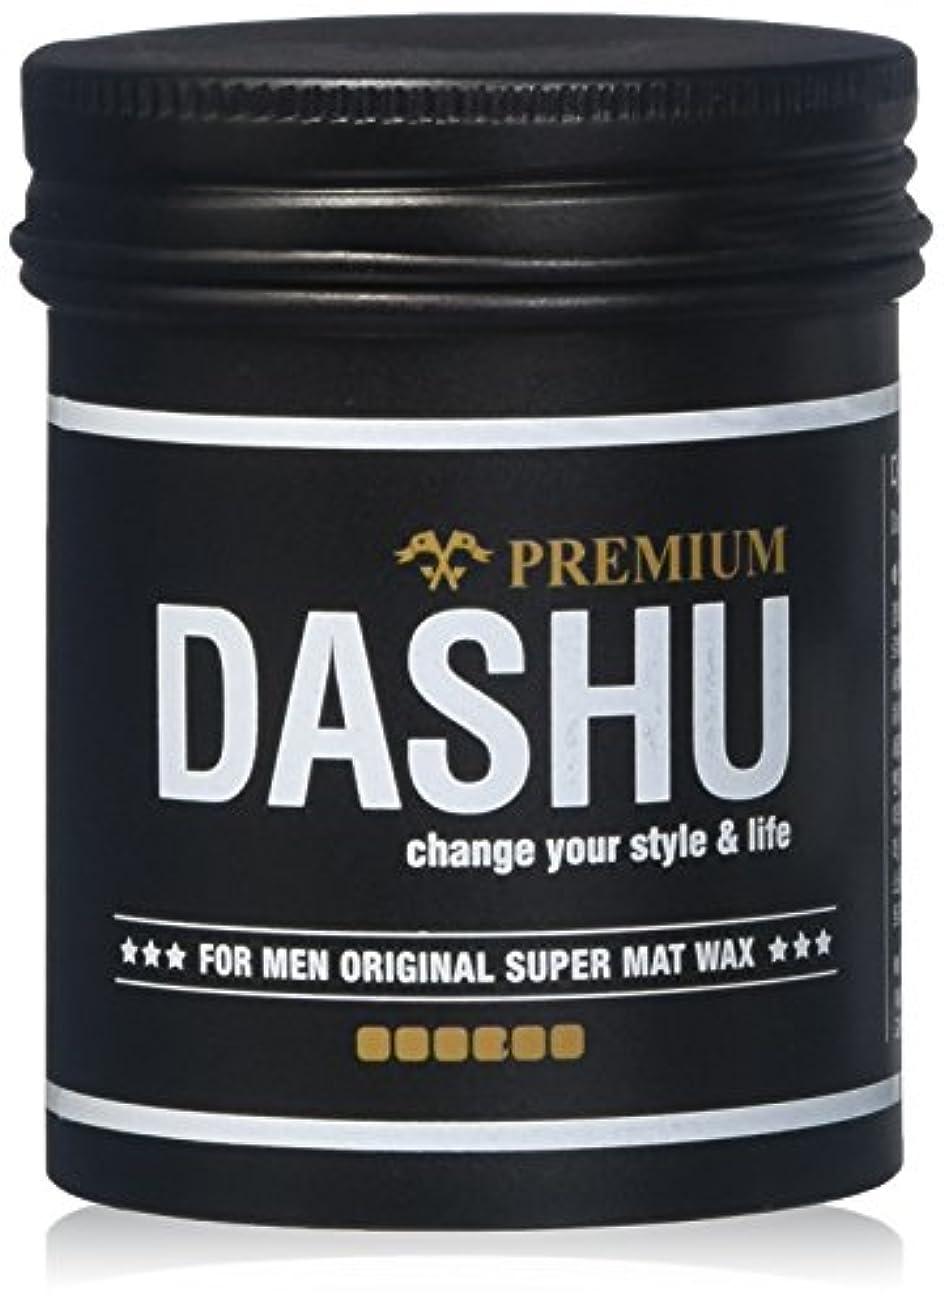 オーラルベーコンまたね[DASHU] ダシュ For Men男性用 オリジナルプレミアムスーパーマットワックス Original Premium Super Mat Wax 100ml / 韓国製 . 韓国直送品